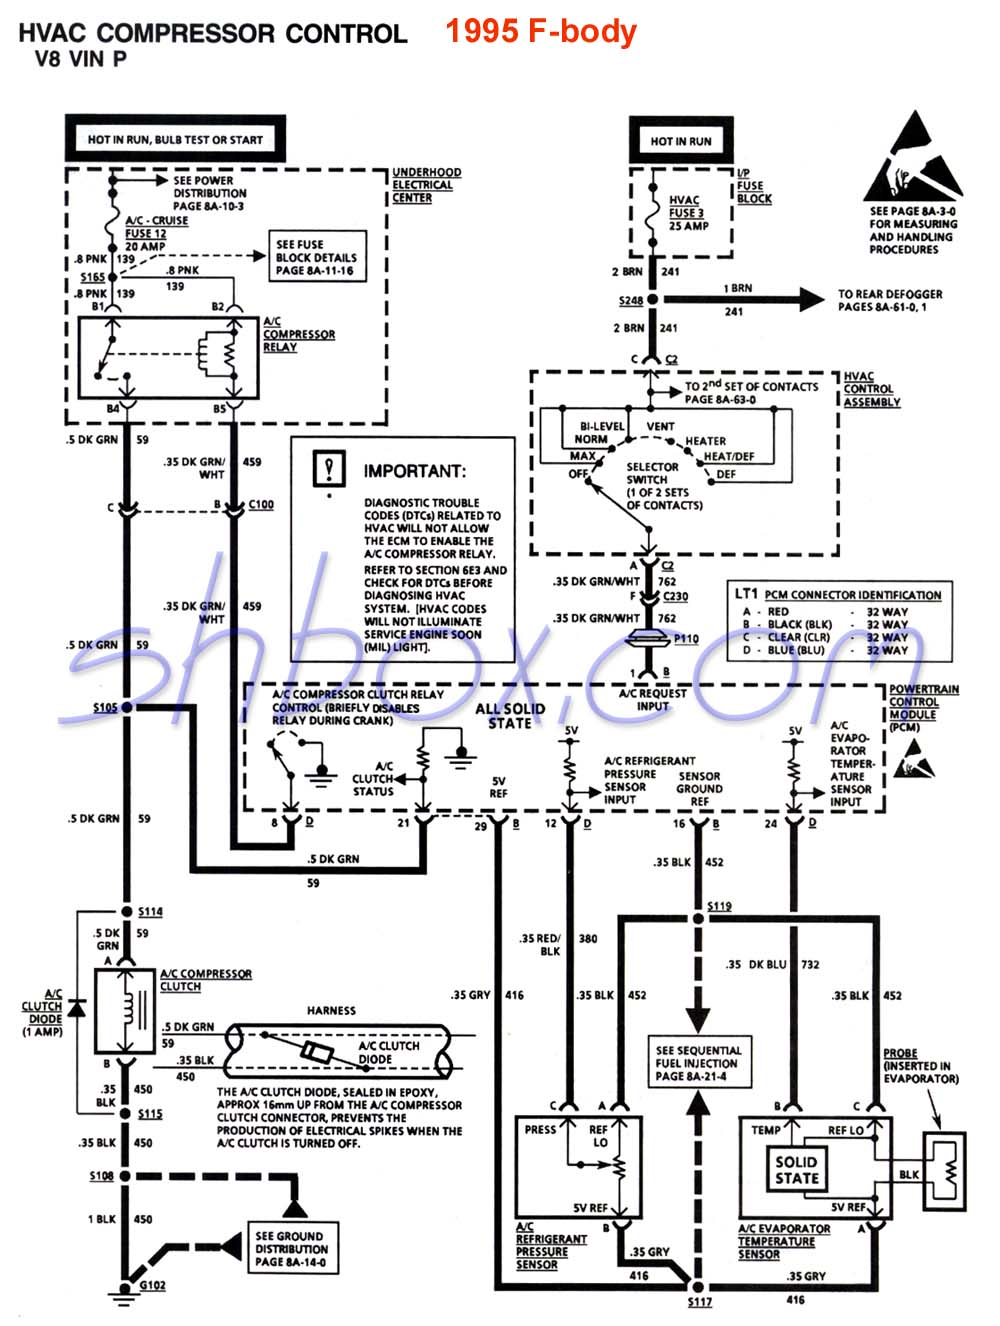 gm fan wiring